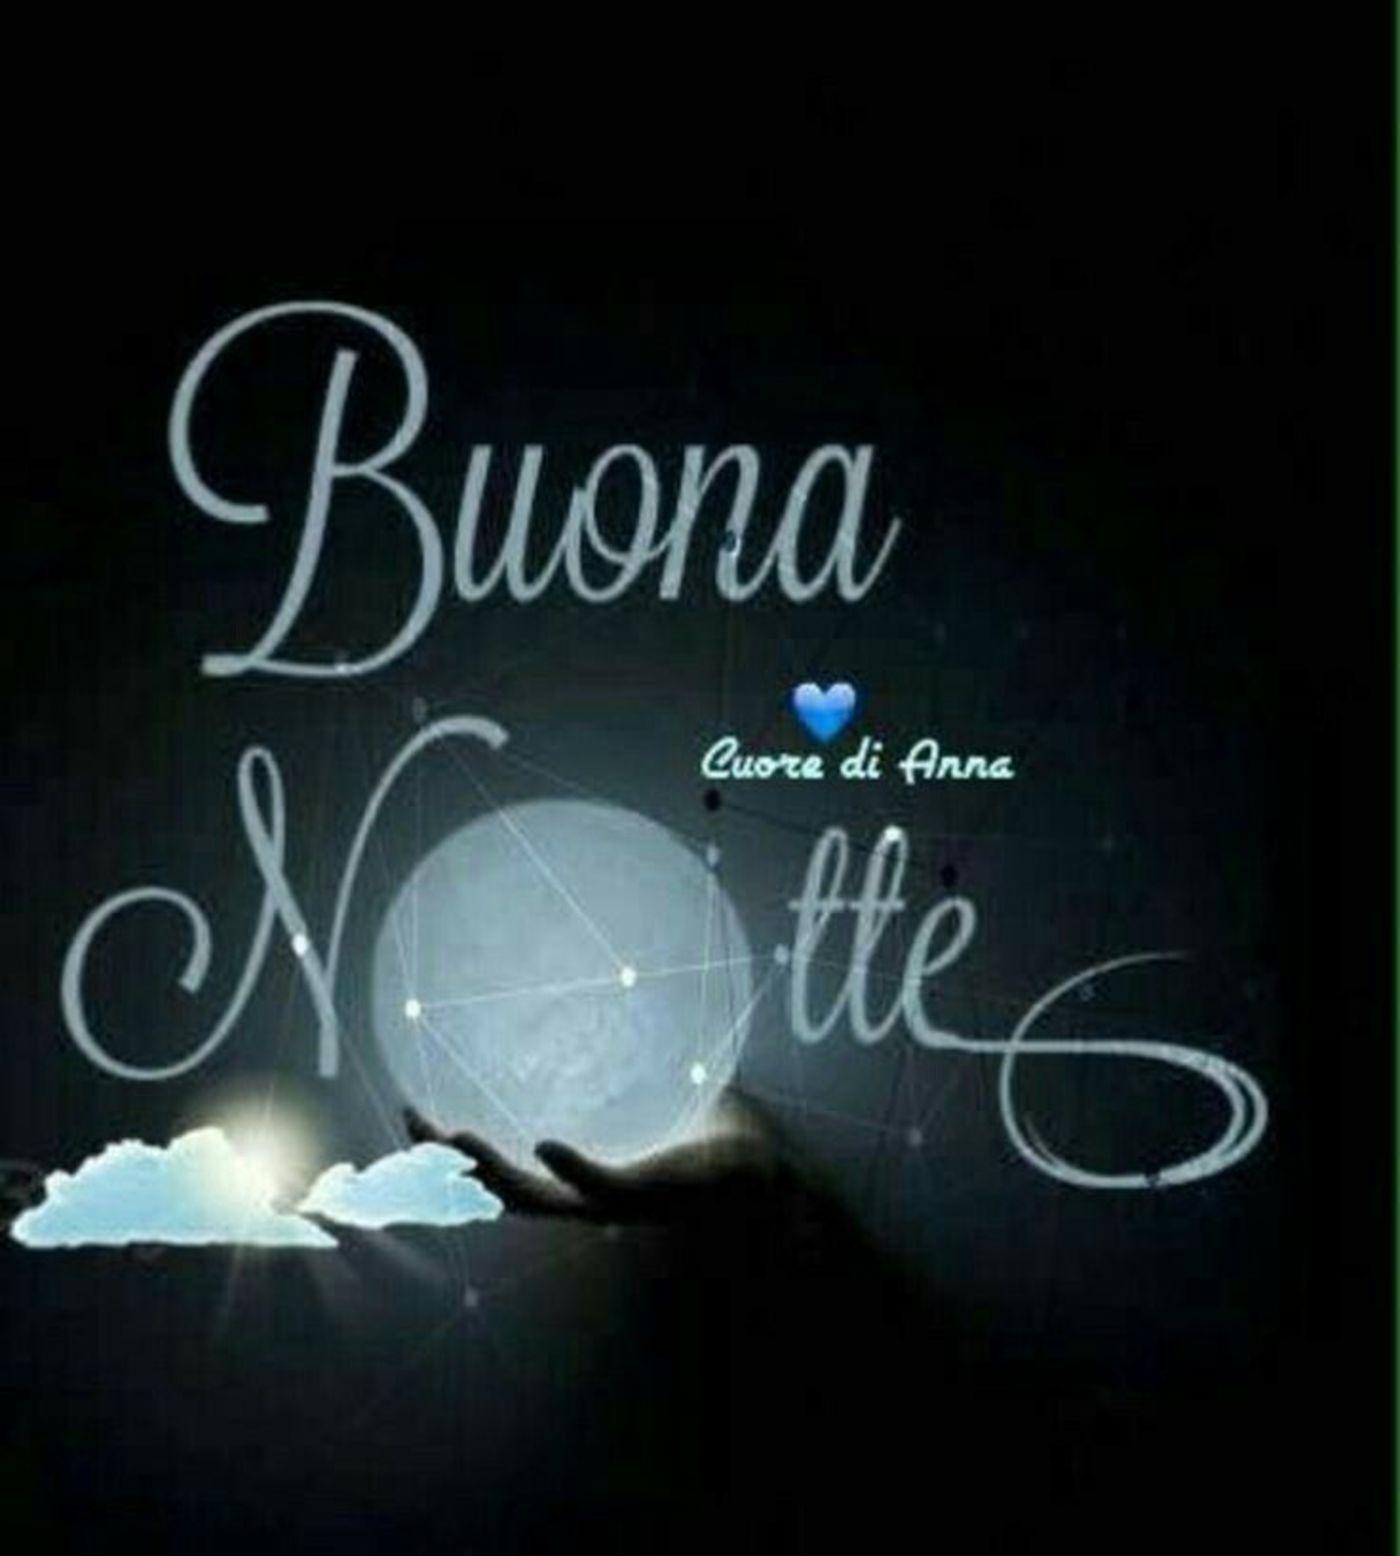 Buonanotte Frasi E Immagini Bellissime Buongiornissimocaffe It